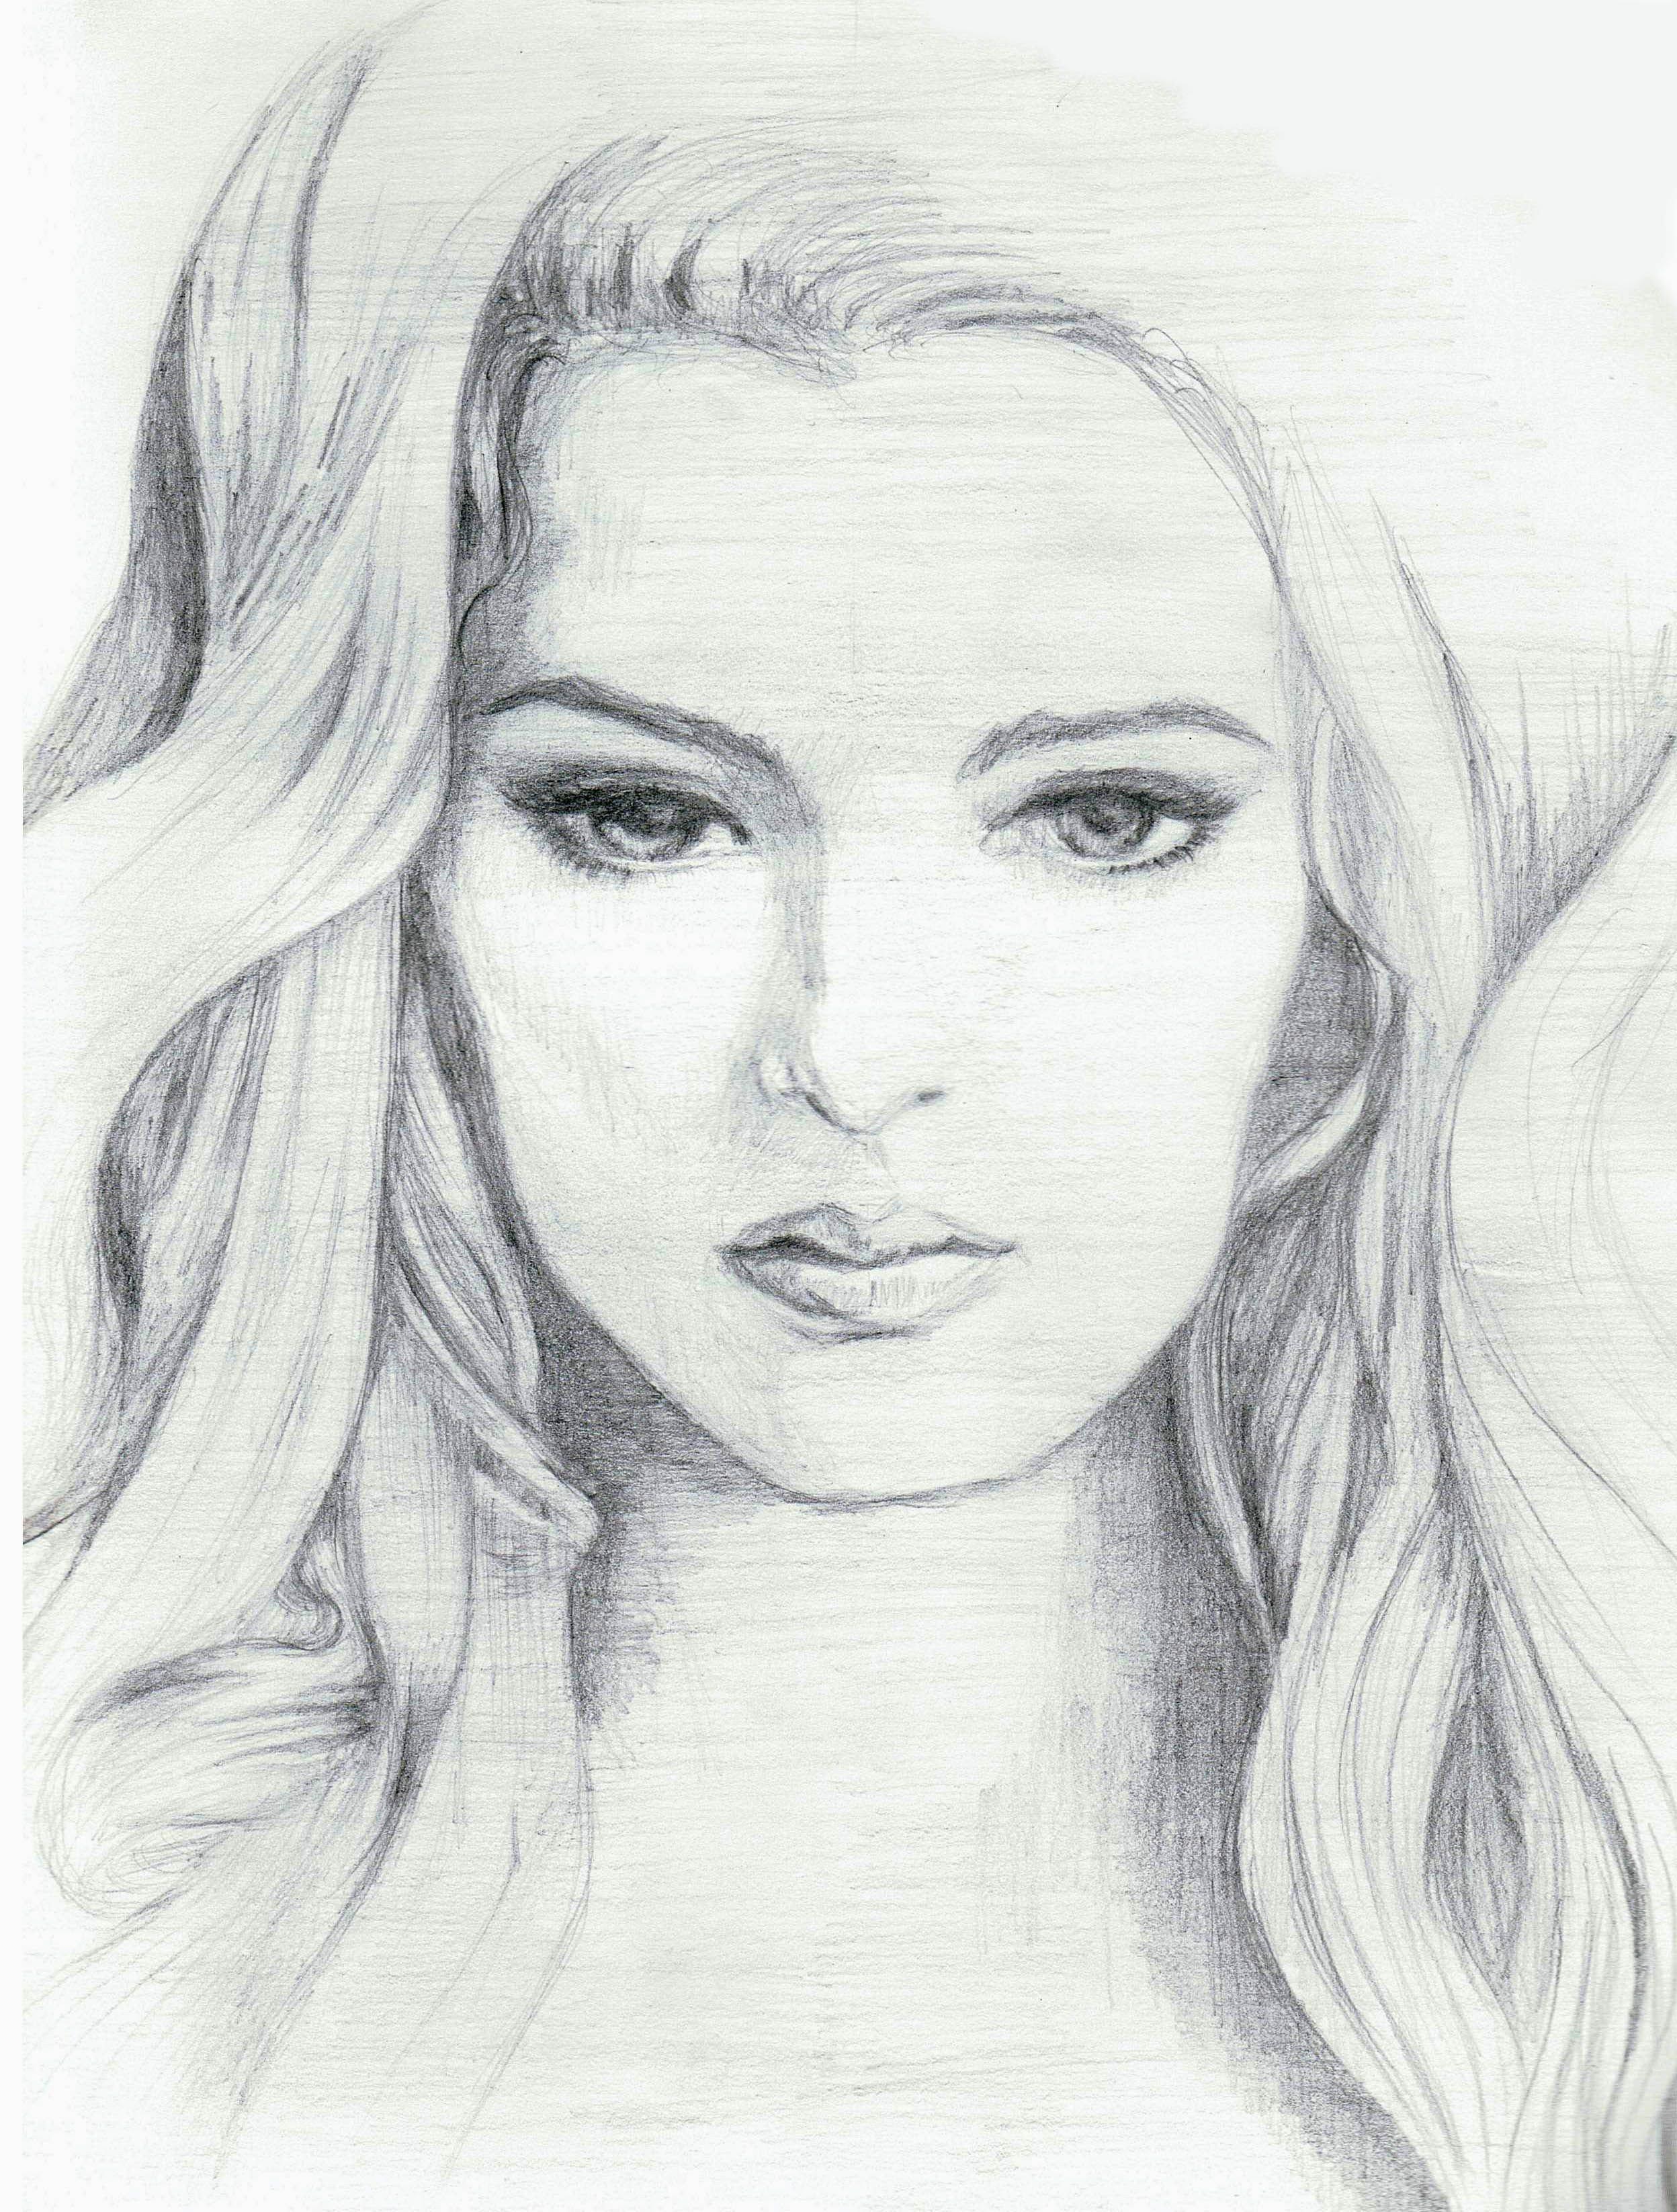 Sketch Of Girl Face Doodles & Sketches Emeraldsantos